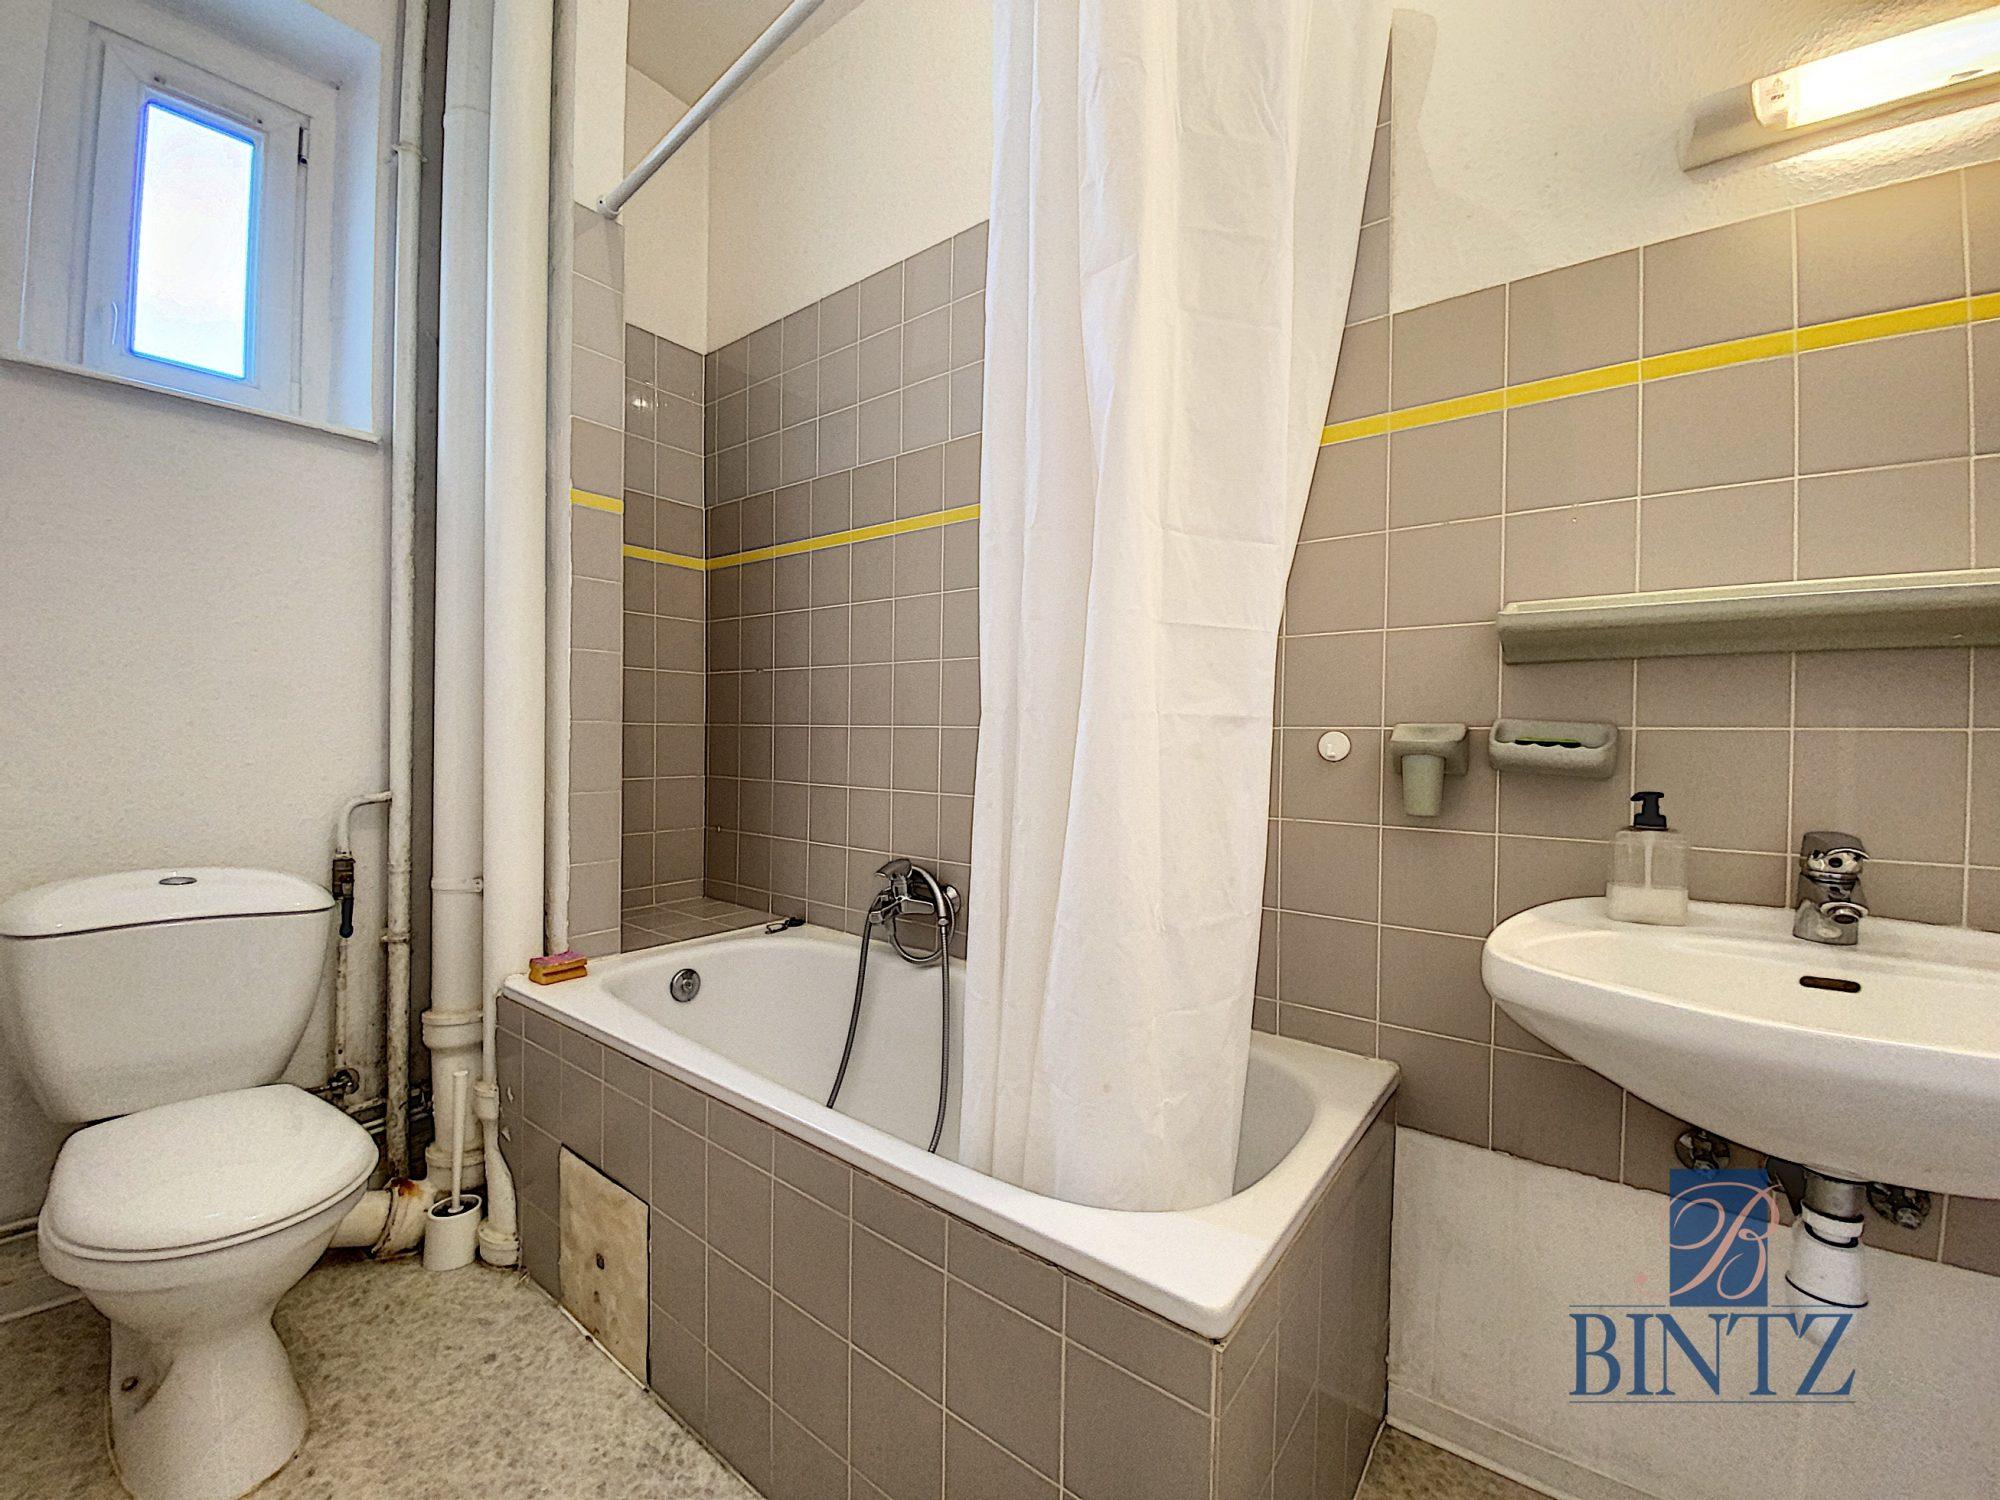 2 PIÈCES NEUDORF - Devenez locataire en toute sérénité - Bintz Immobilier - 16